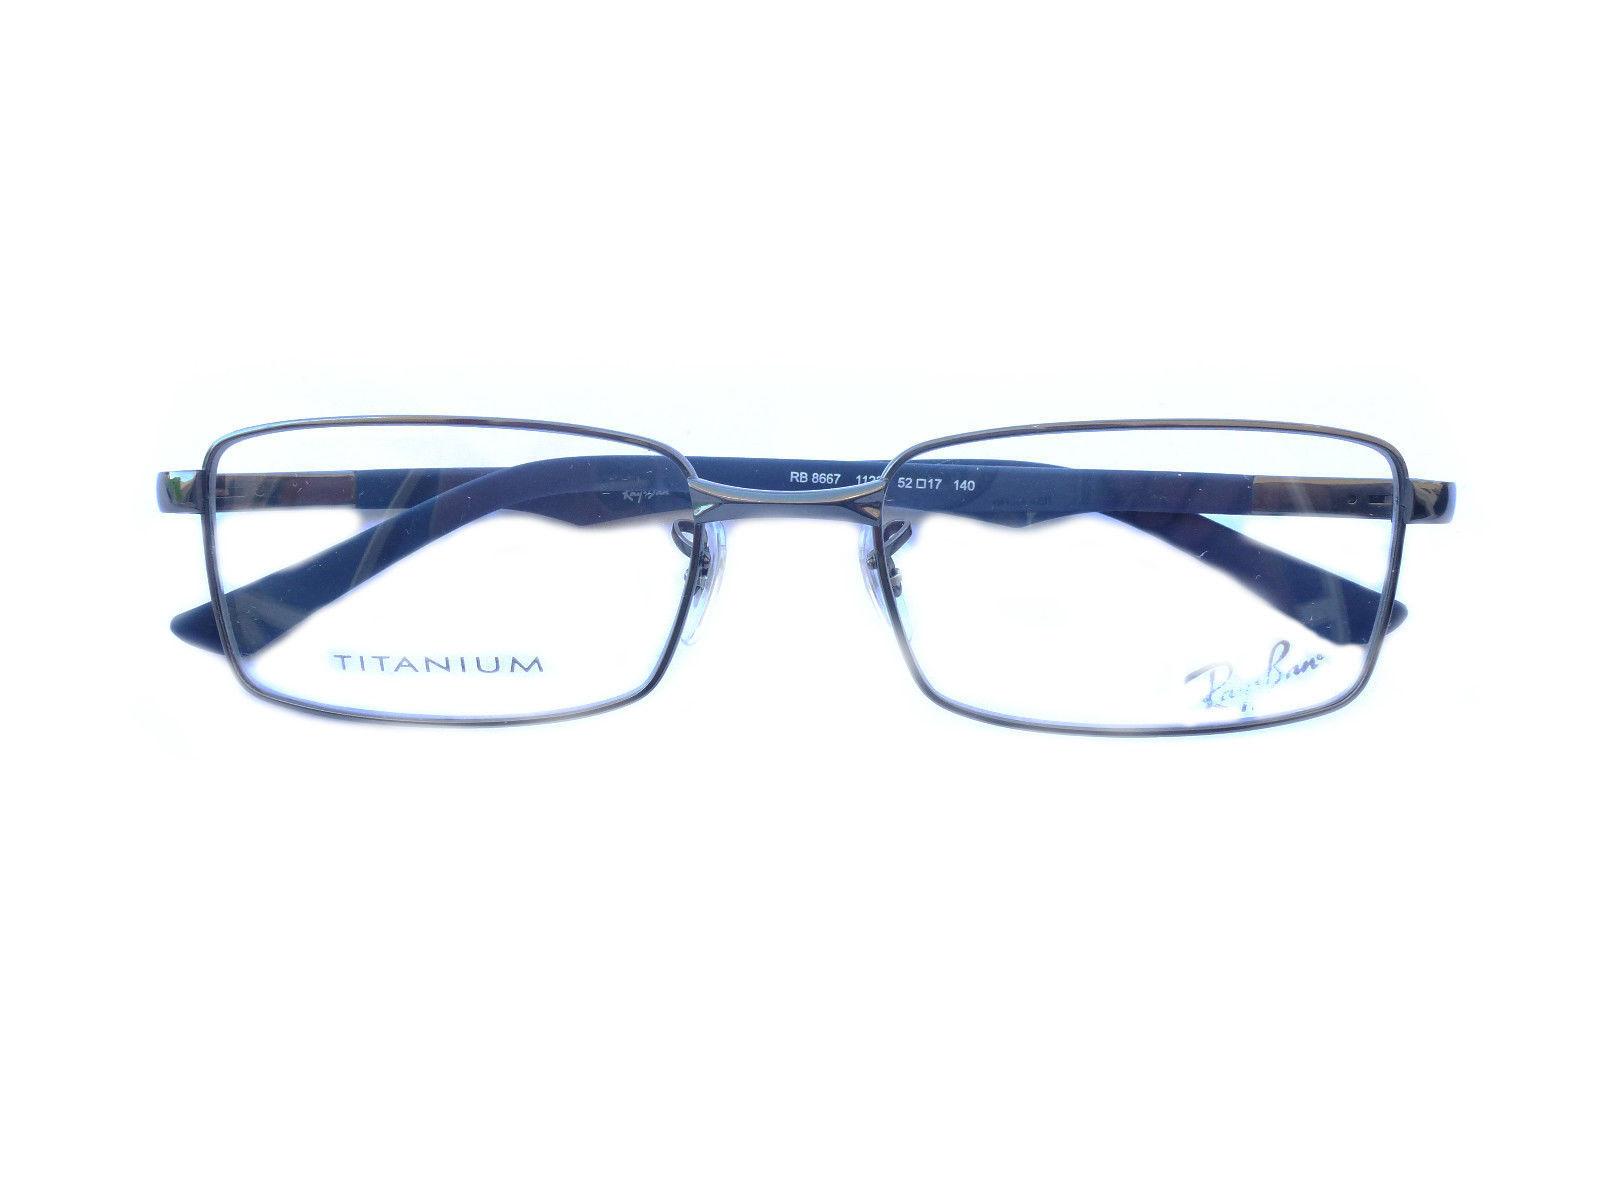 Eyeglass Frame Models : Ray-ban eyeglasses frame Model RB8667 Gunmetal 100% ...